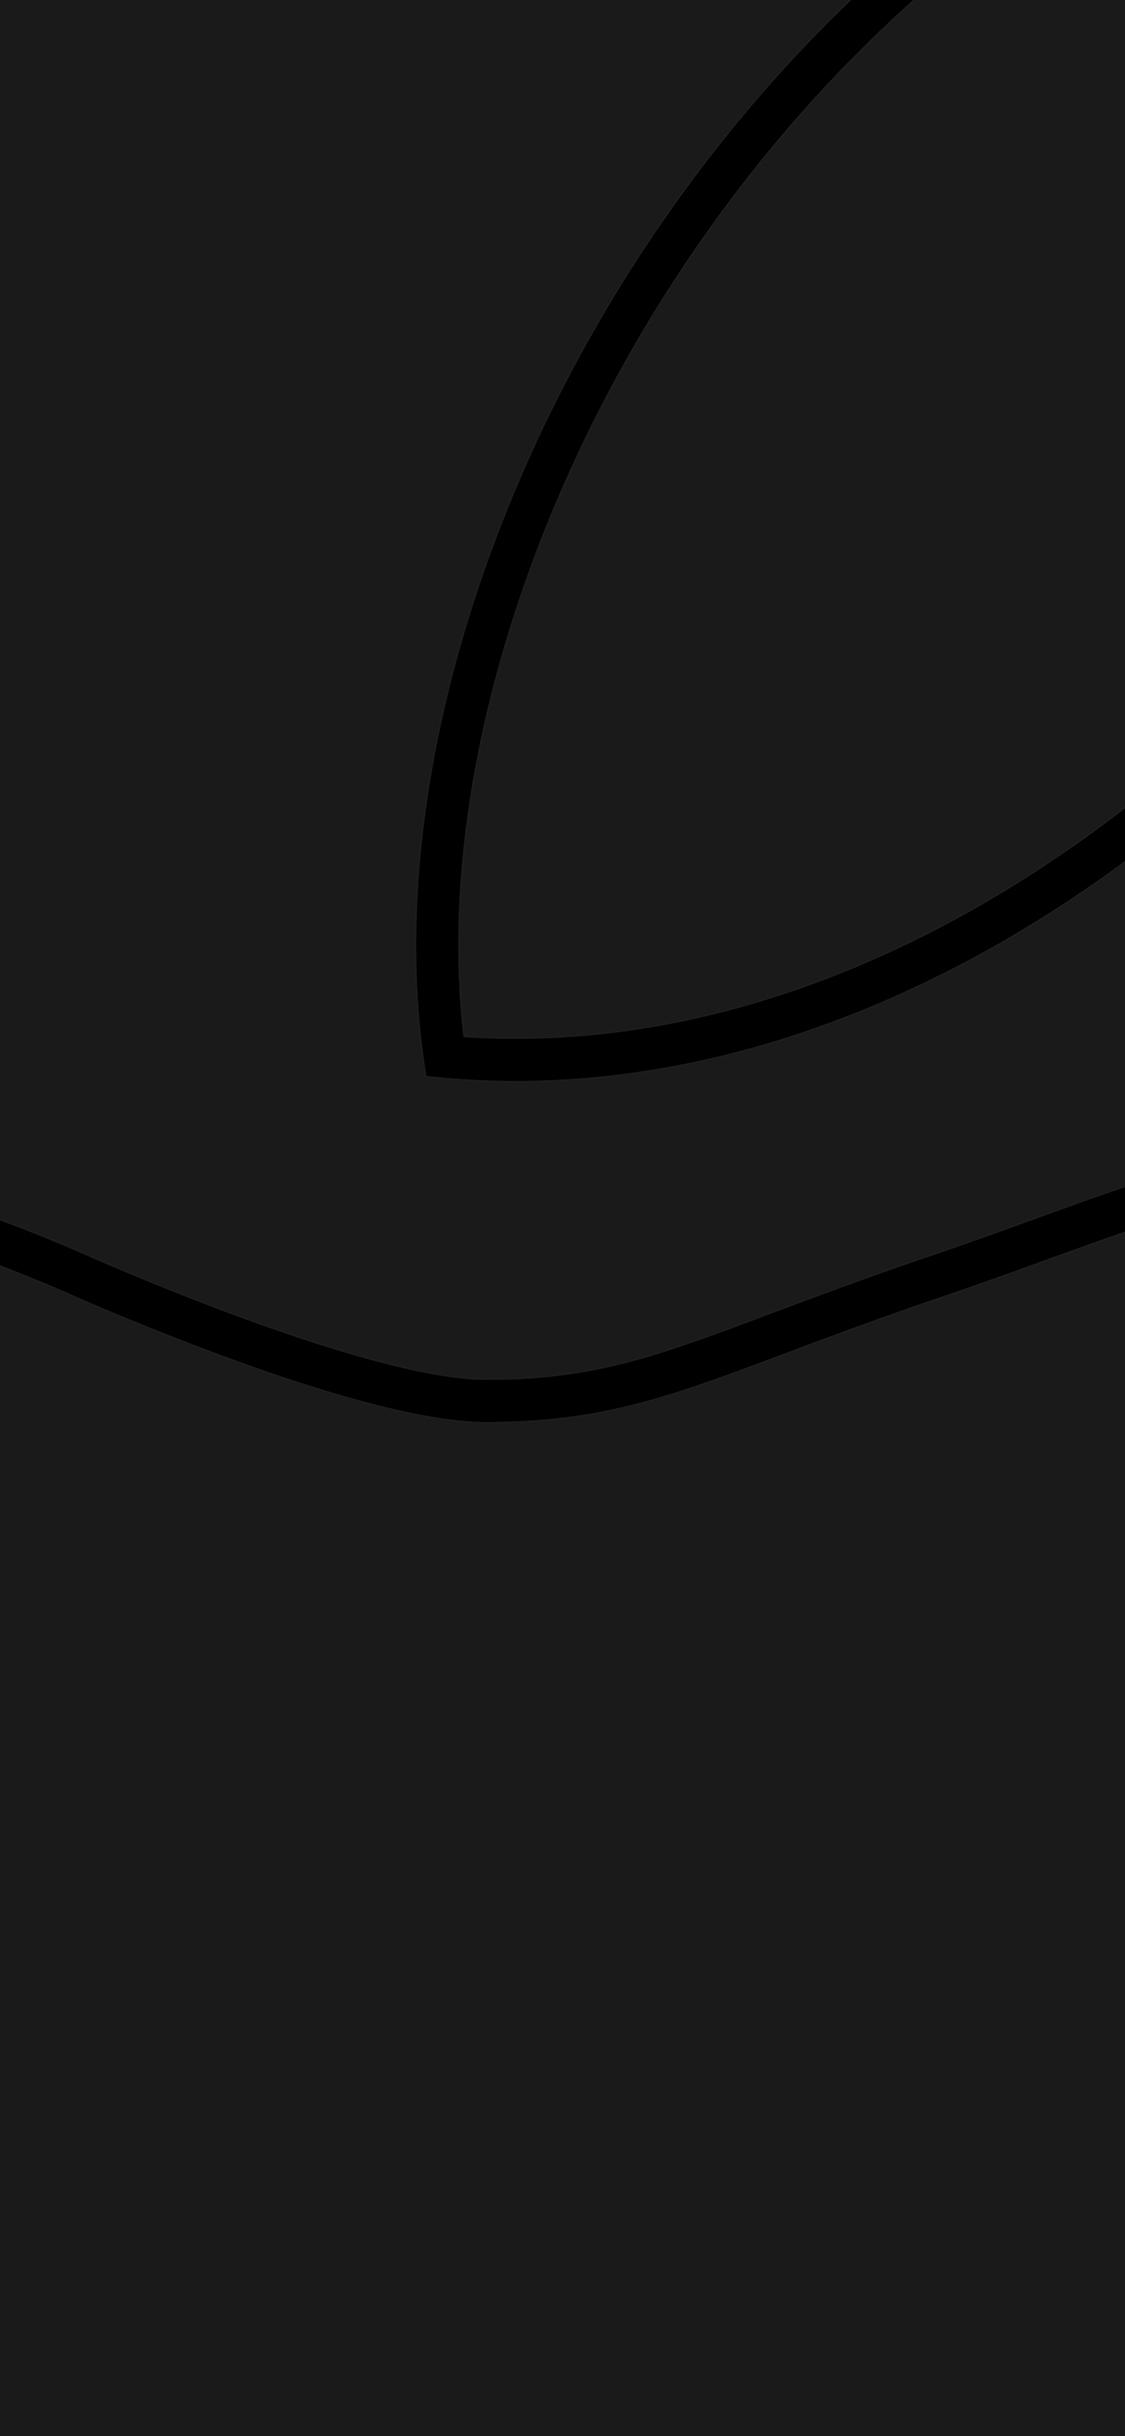 iPhoneXpapers.com-Apple-iPhone-wallpaper-ae25-apple-event-2014-oct-16-dark-black